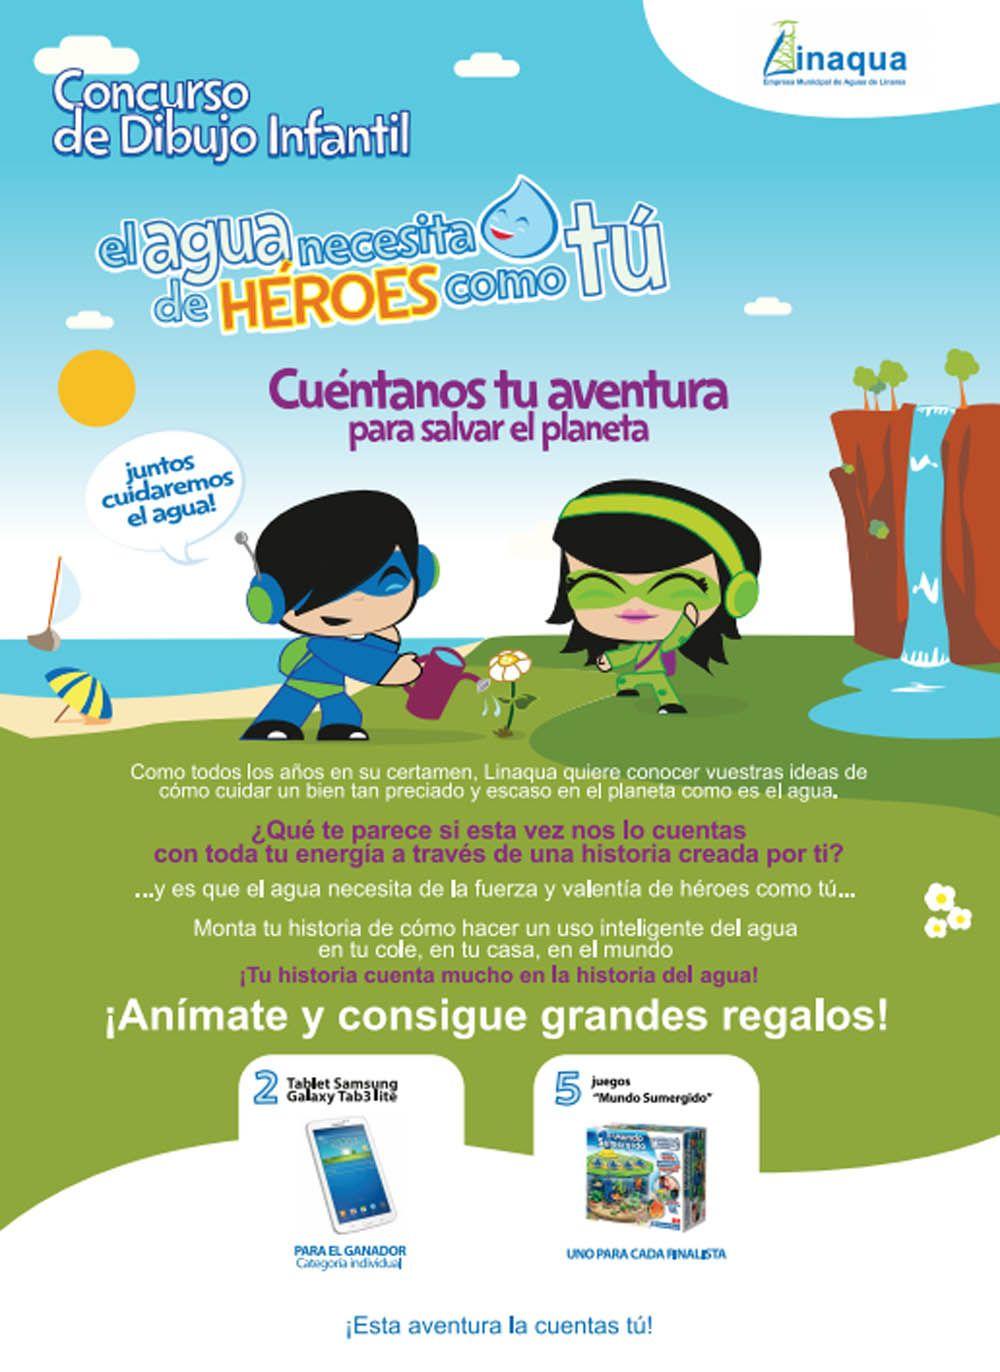 Una nueva edición del Concurso Infantil de  Linaqua invita a los niños hacer un dibujo para  salvar el planeta